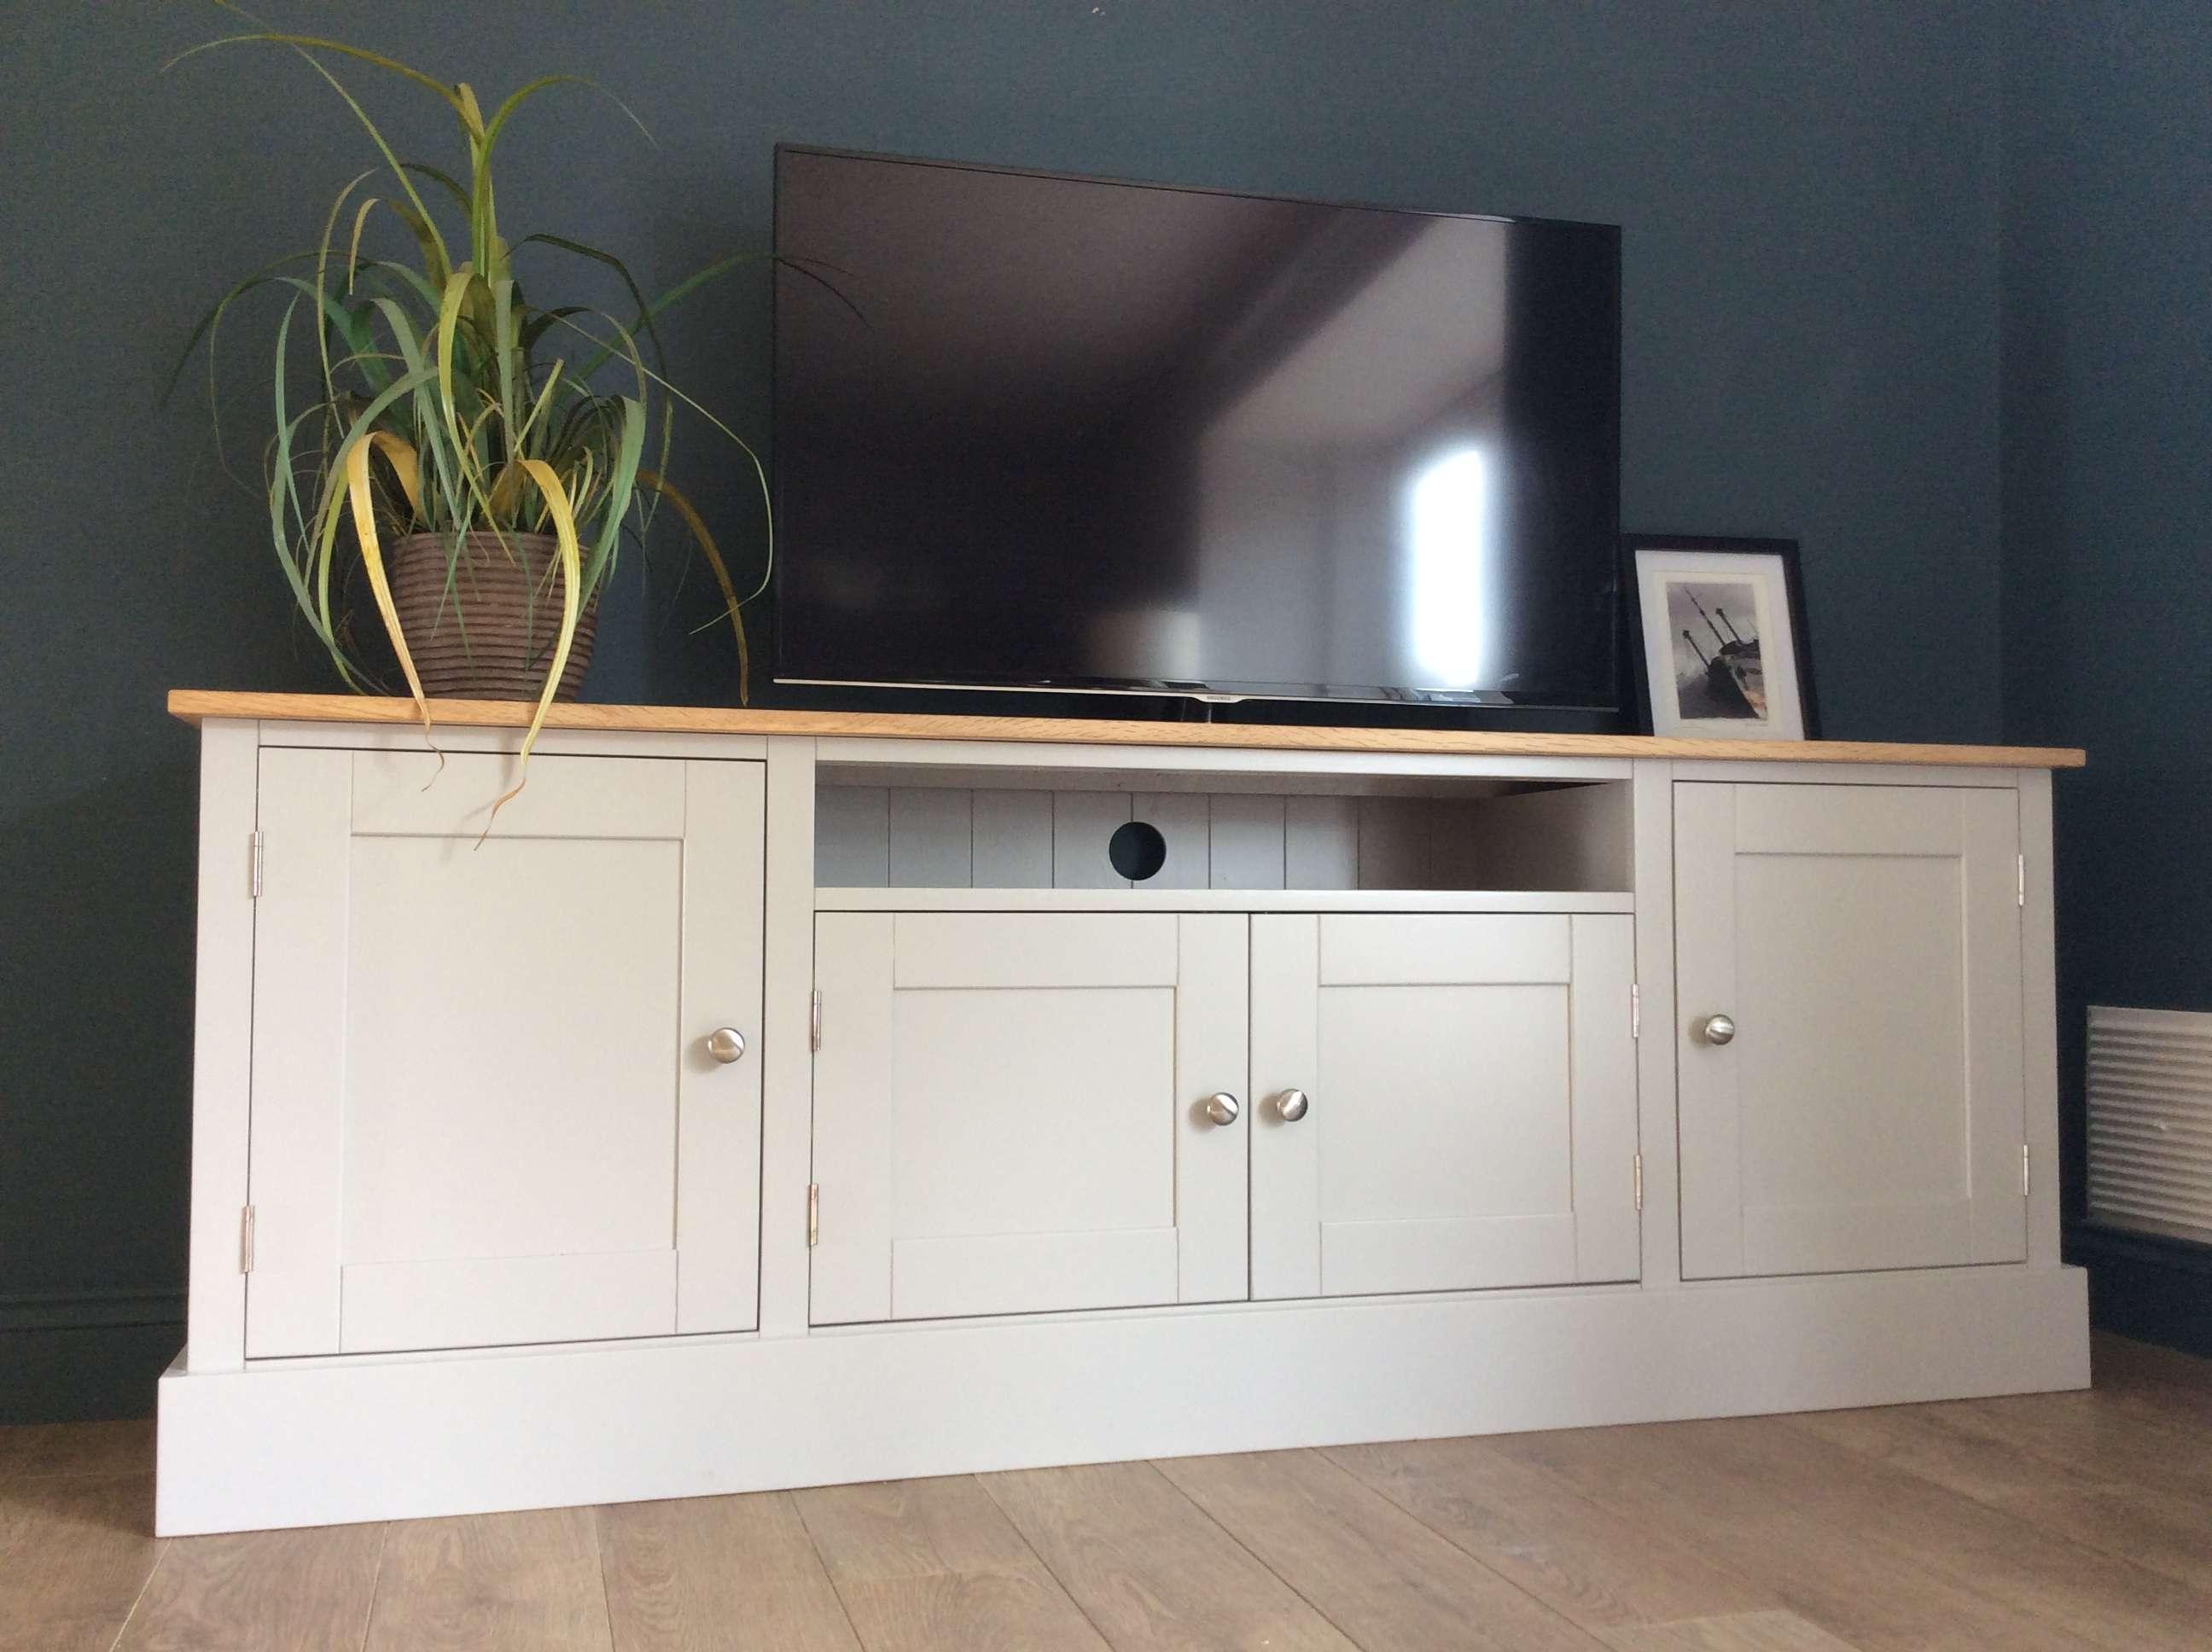 6ft Solid Pine & Oak Tv Cabinet – Nest At Number 20 Inside Oak Tv Cabinets (View 19 of 20)